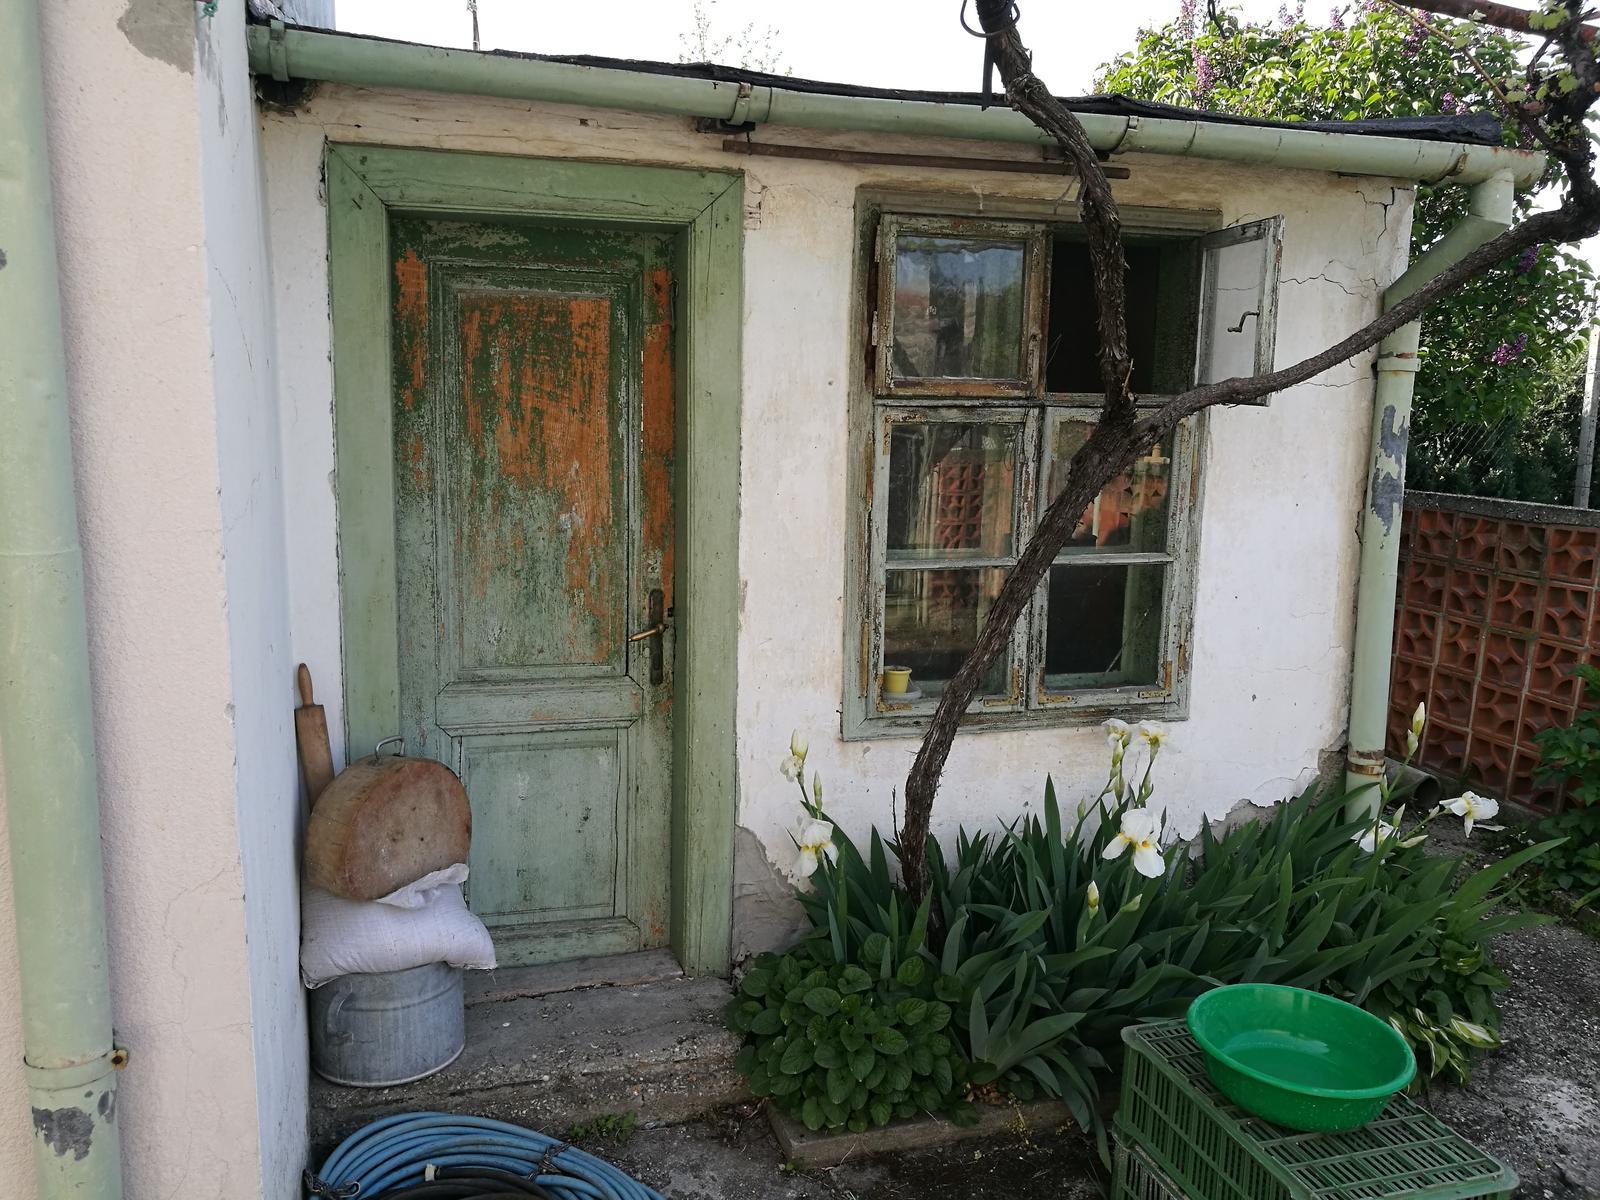 Náš budúci domov - rekonštrukcia rodinného domu - Letná kuchynka